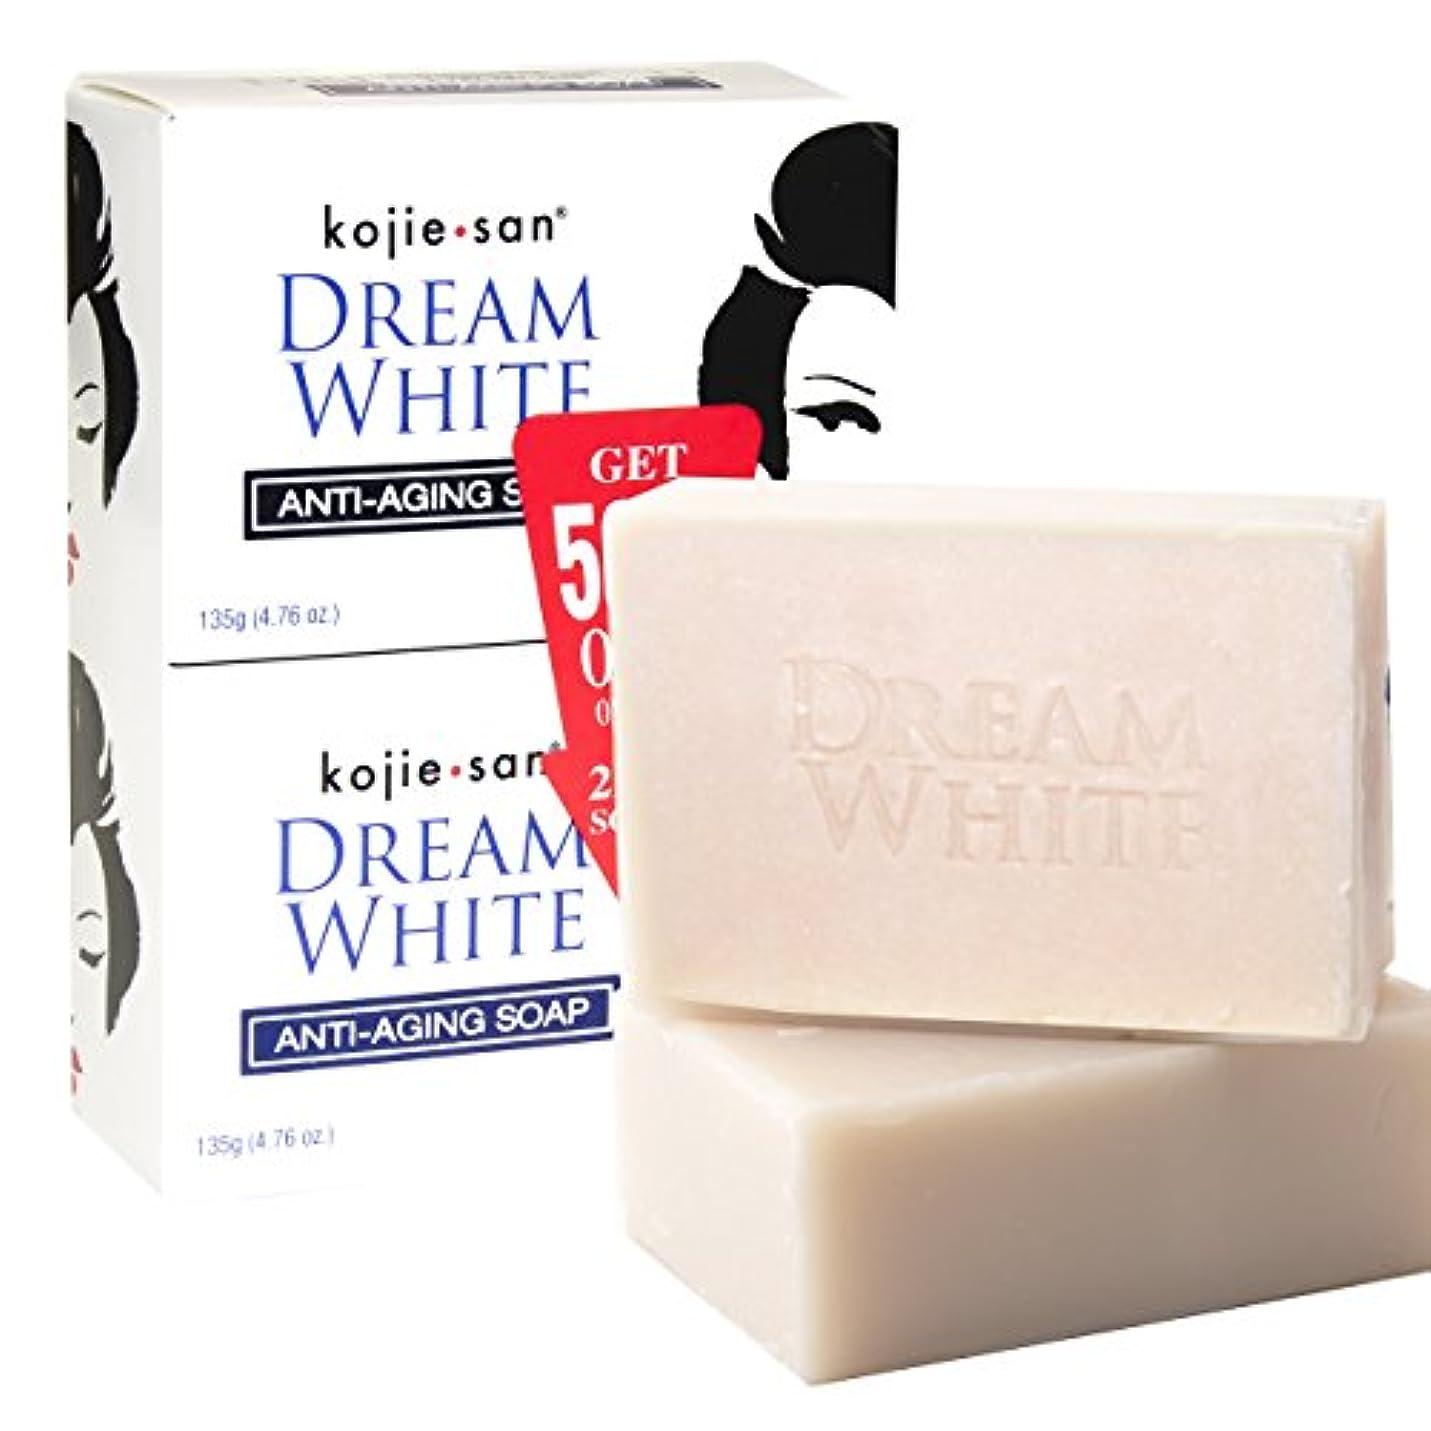 脈拍ぎこちない突っ込むkojie san DREAM WHITE Soap 135g × 2個 ホワイトニングソープ